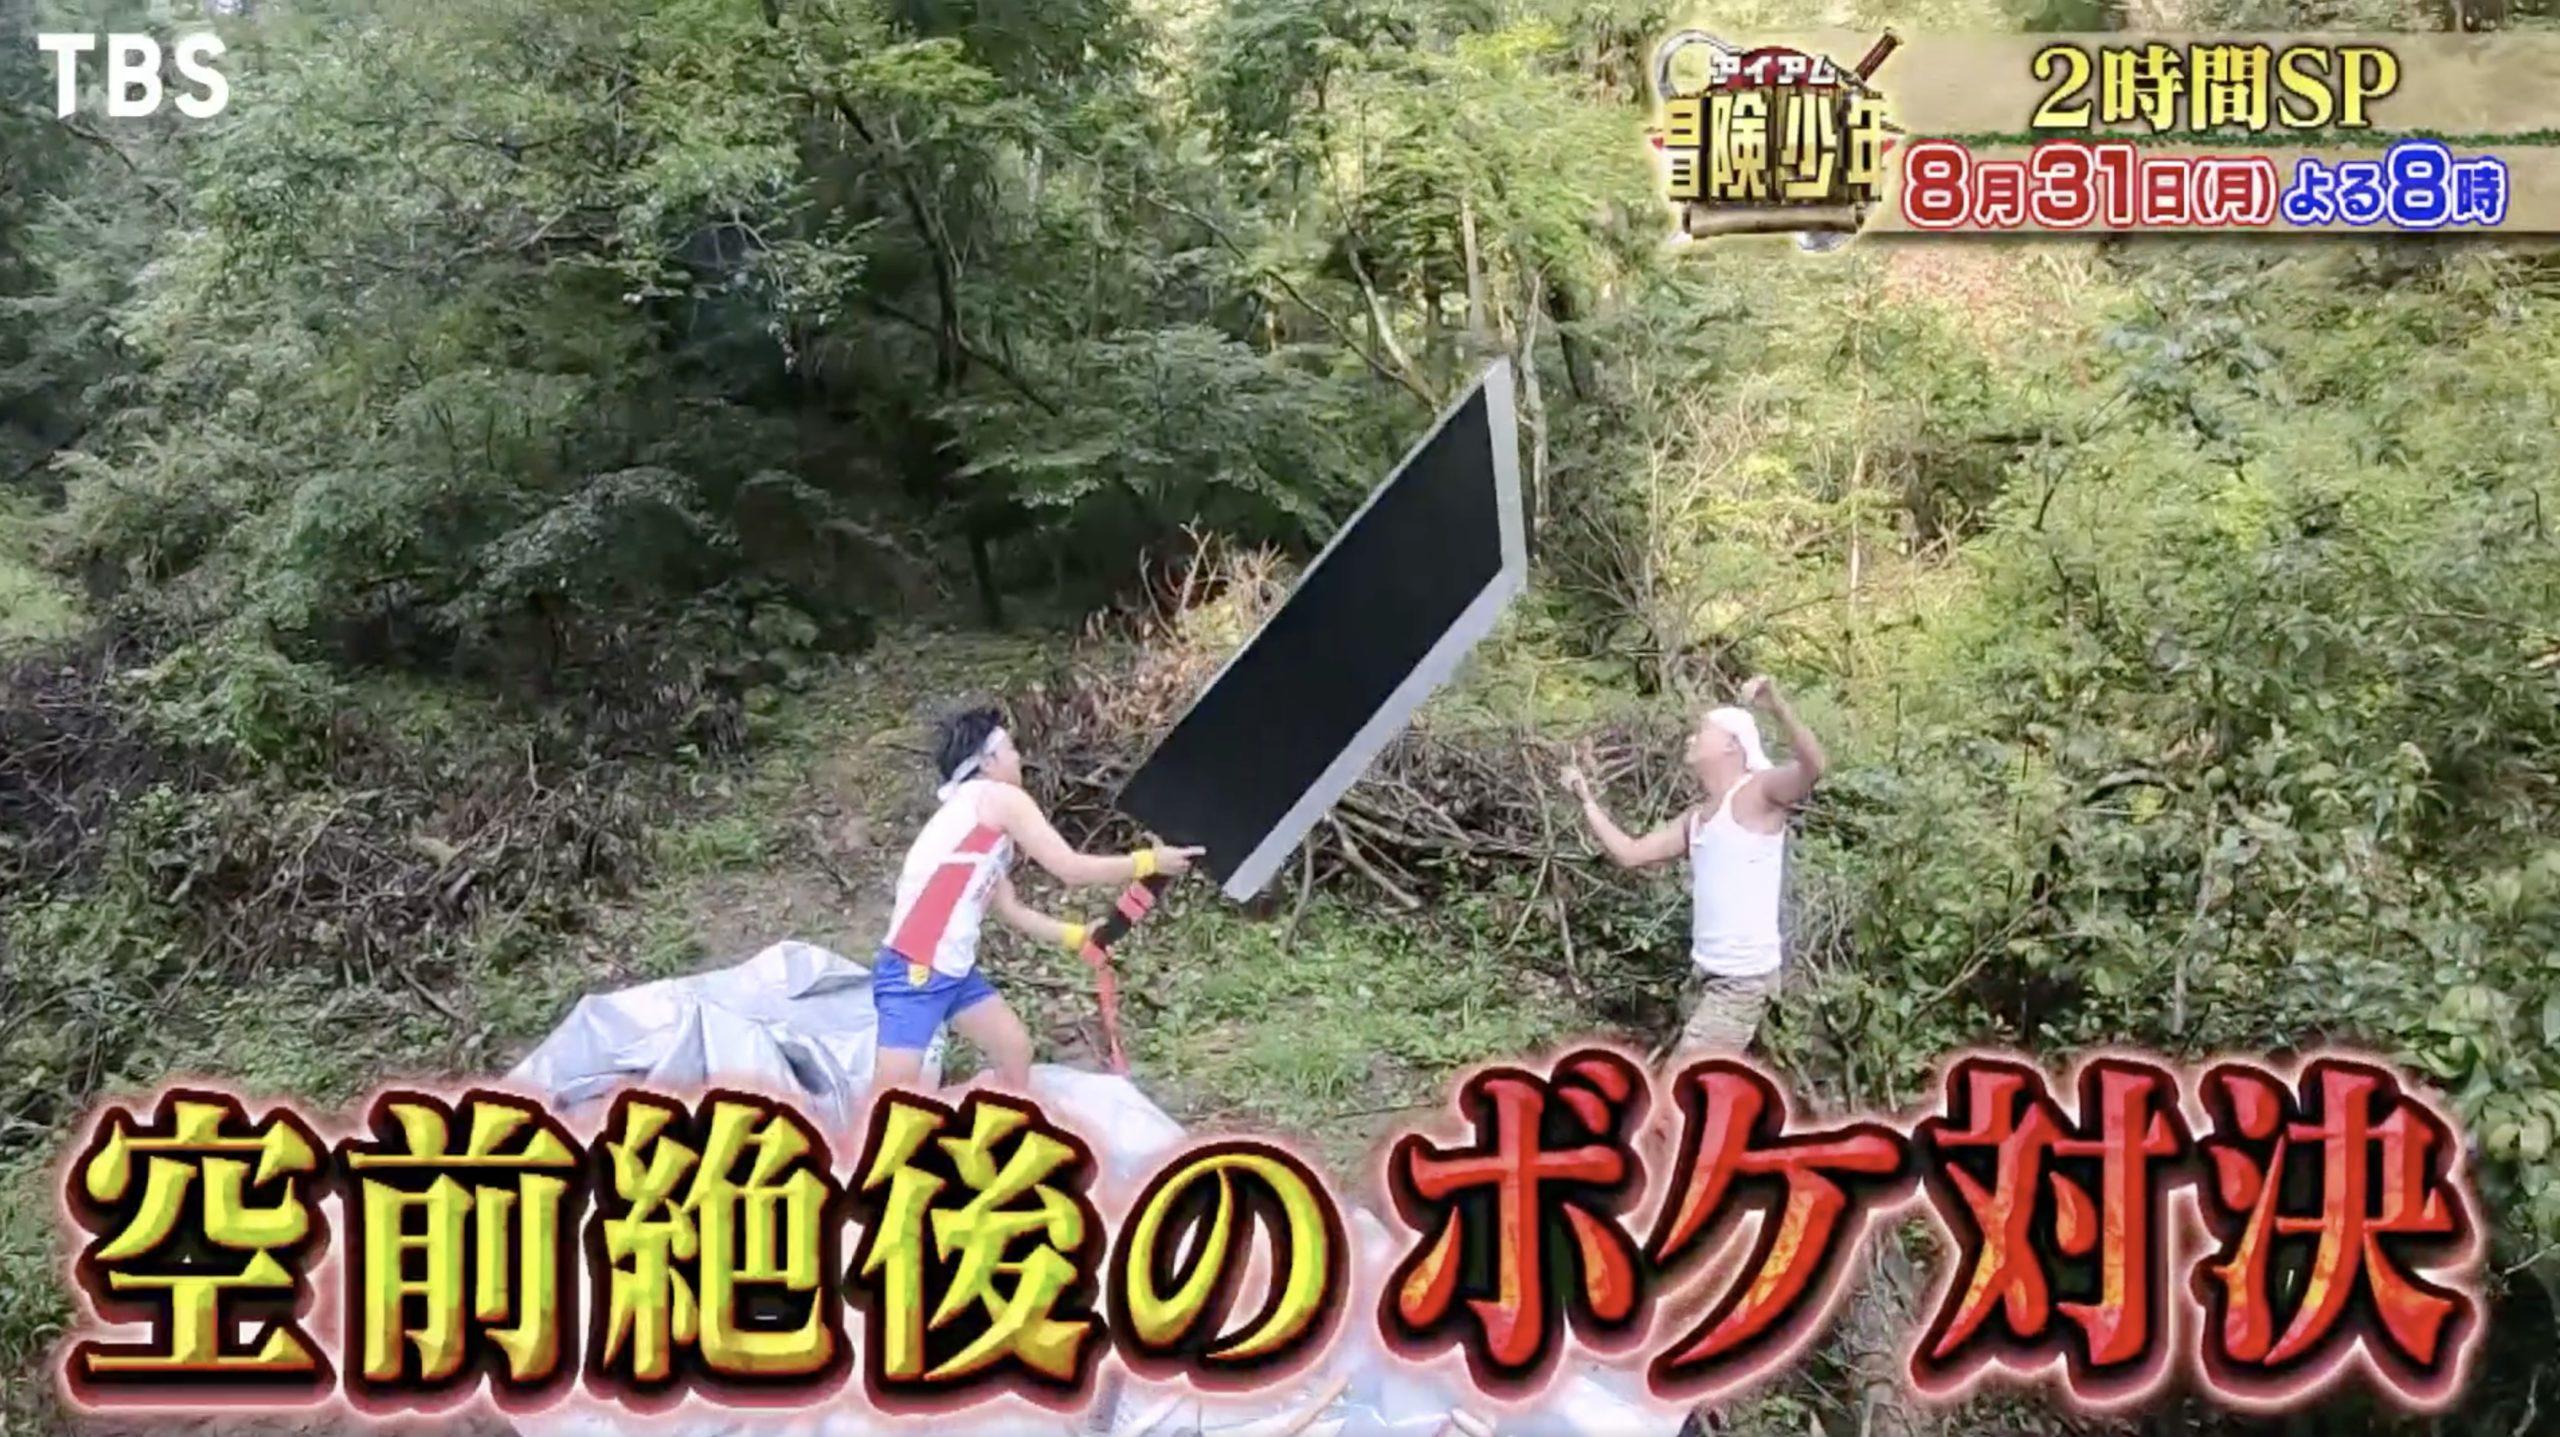 アイアム冒険少年(8月31日)の無料動画や見逃し配信をフル視聴する方法!